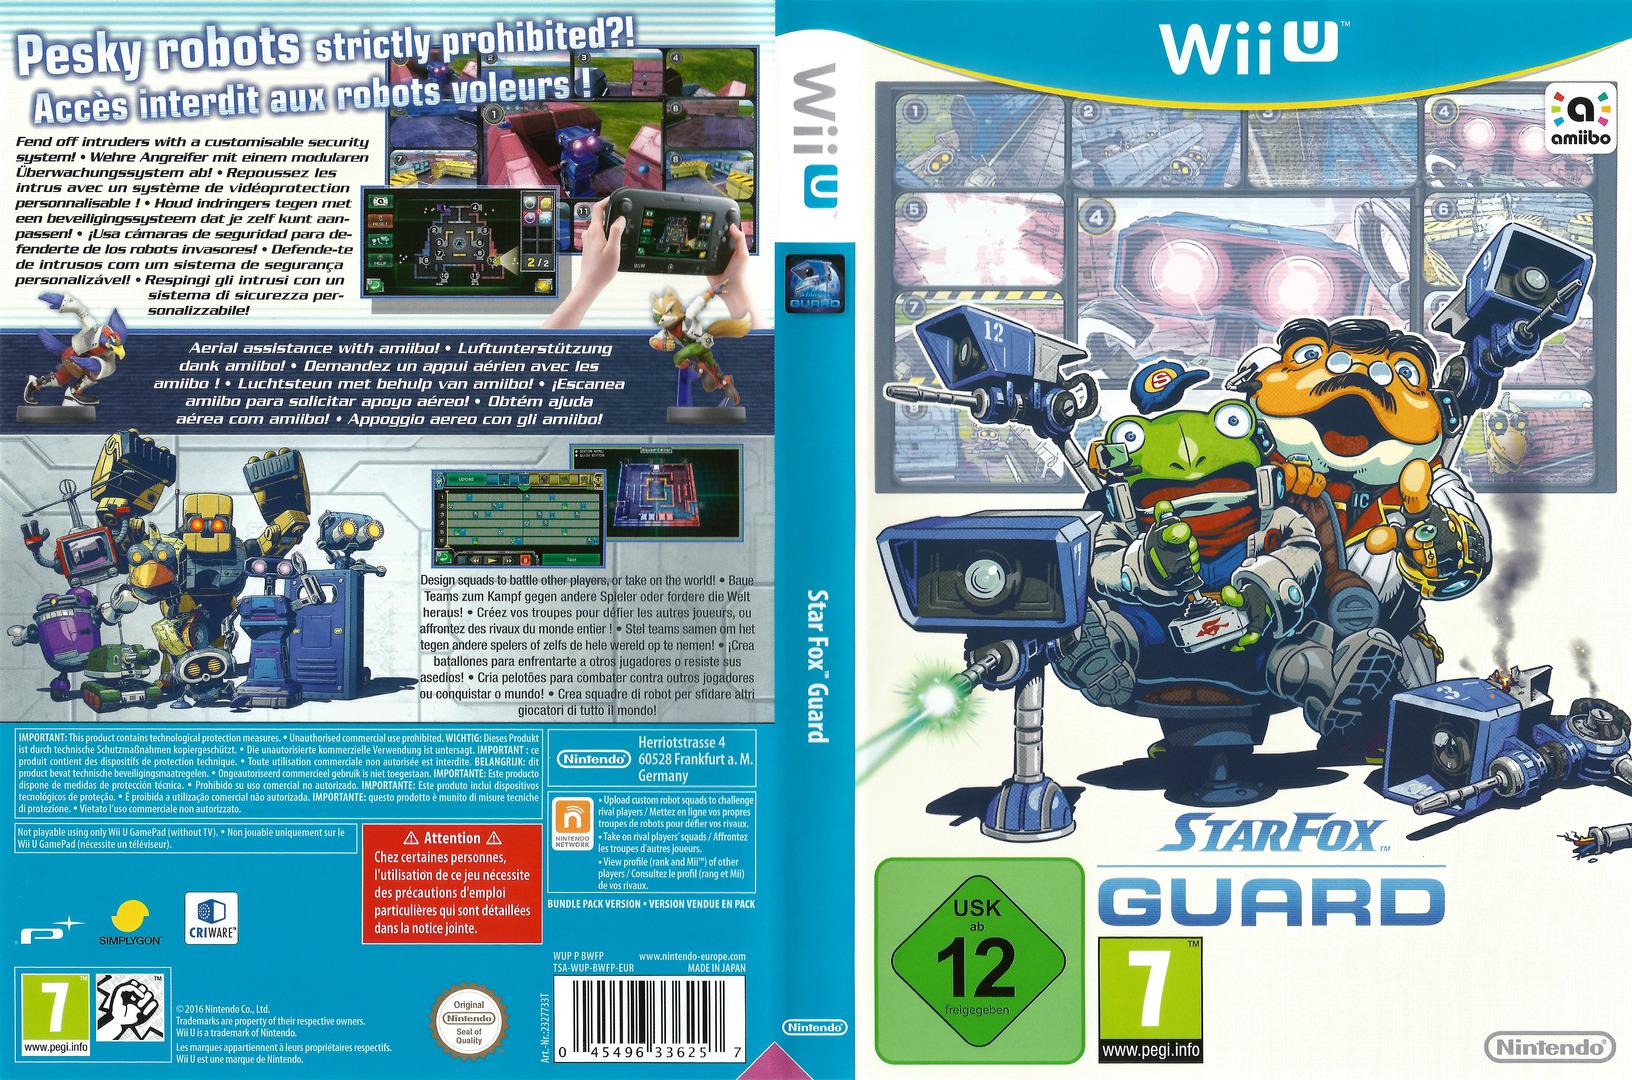 Star Fox Guard WiiU coverfullHQ (BWFP01)